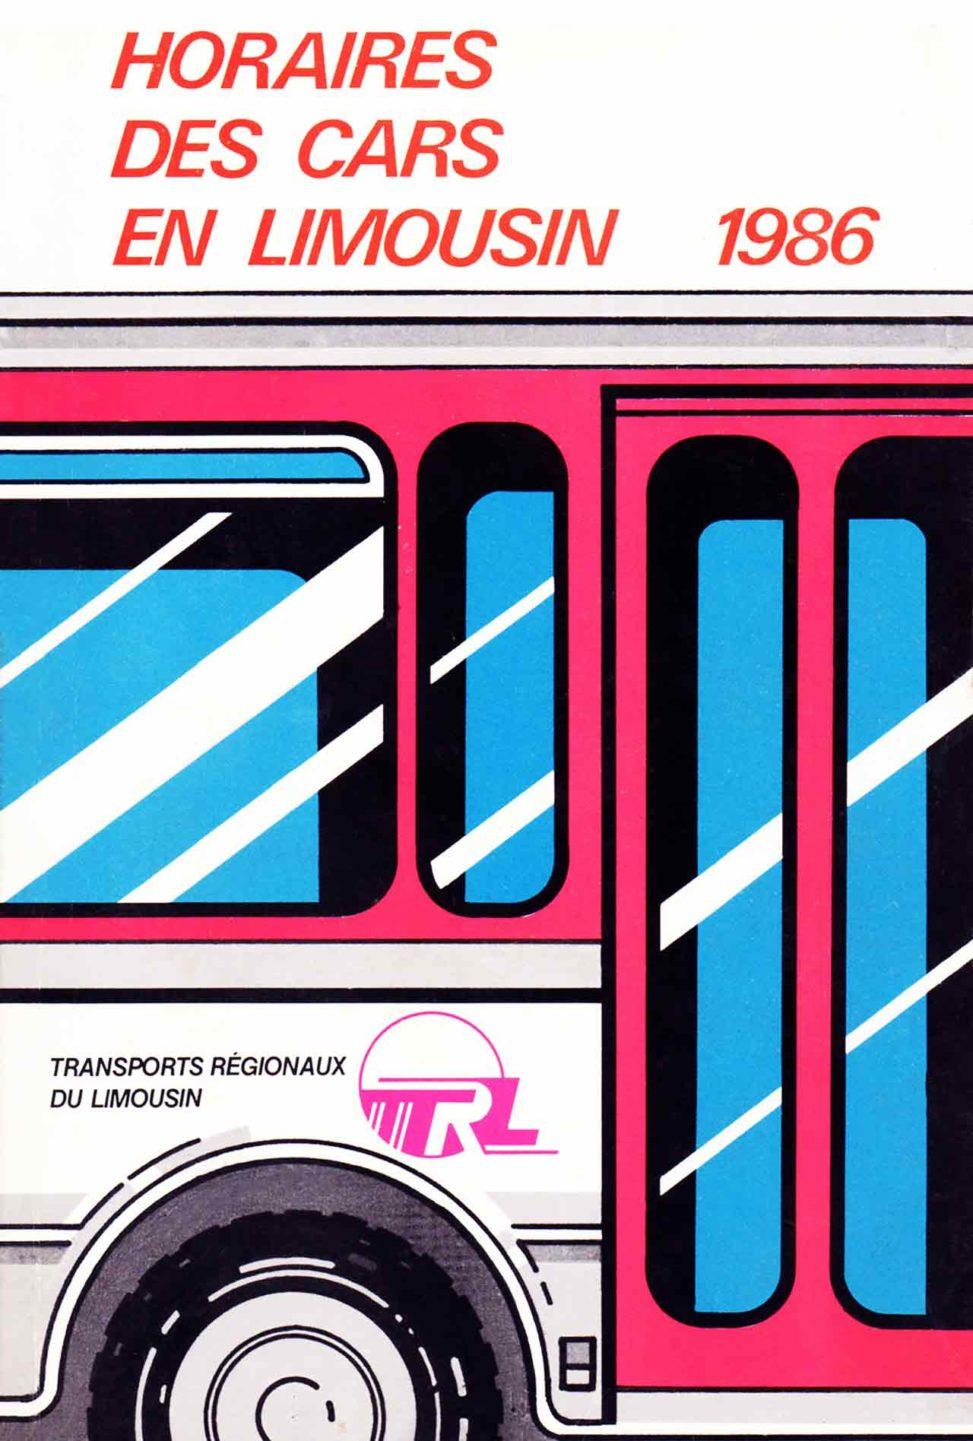 Horaires des cars en Limousin Conseil Régional Agence Scandere 1986 Marc-André